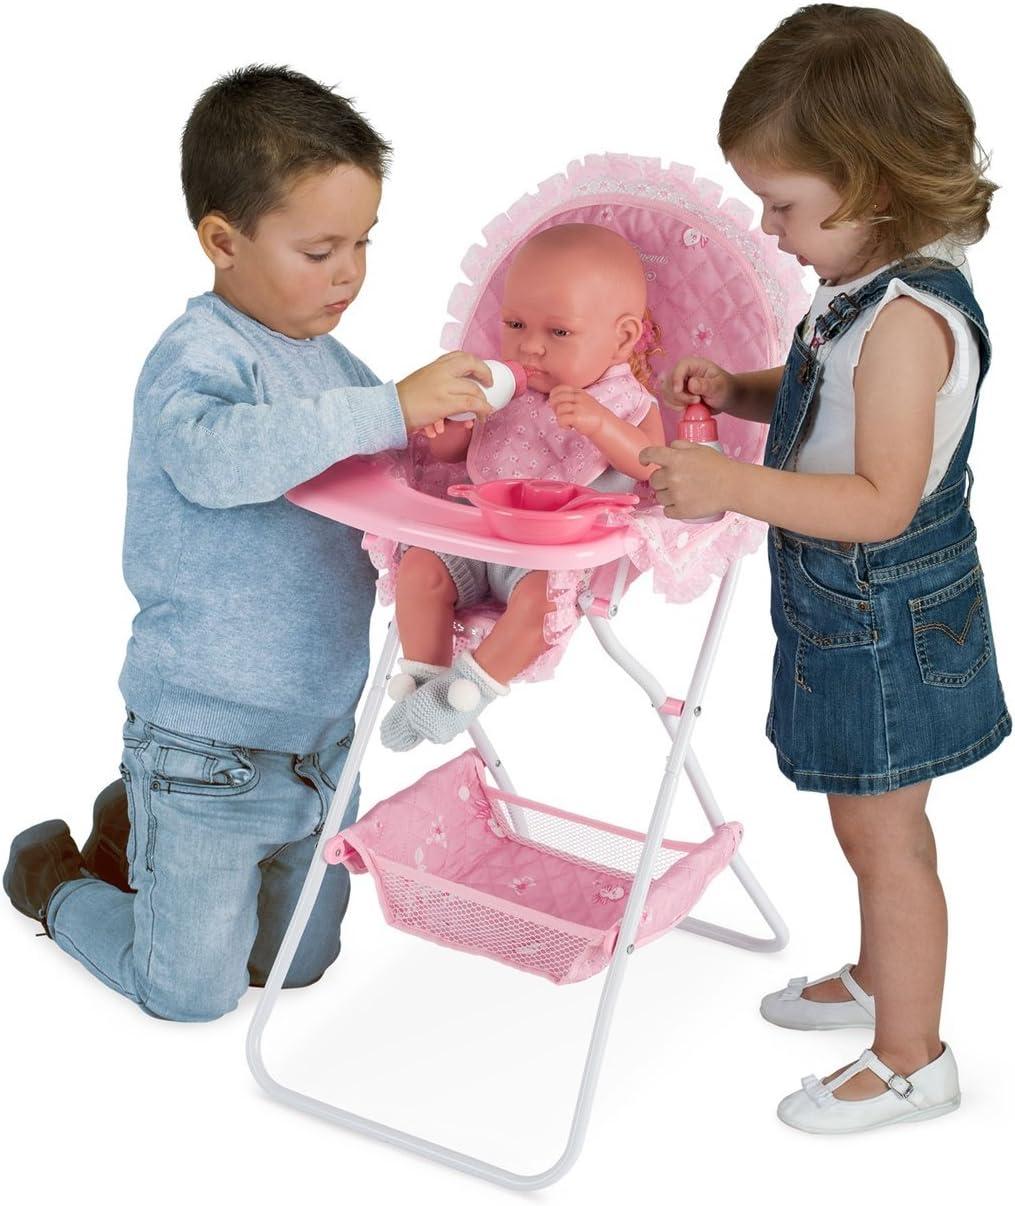 Decuevas Toys - Trona Maria plegable con accesorios, multicolor ...